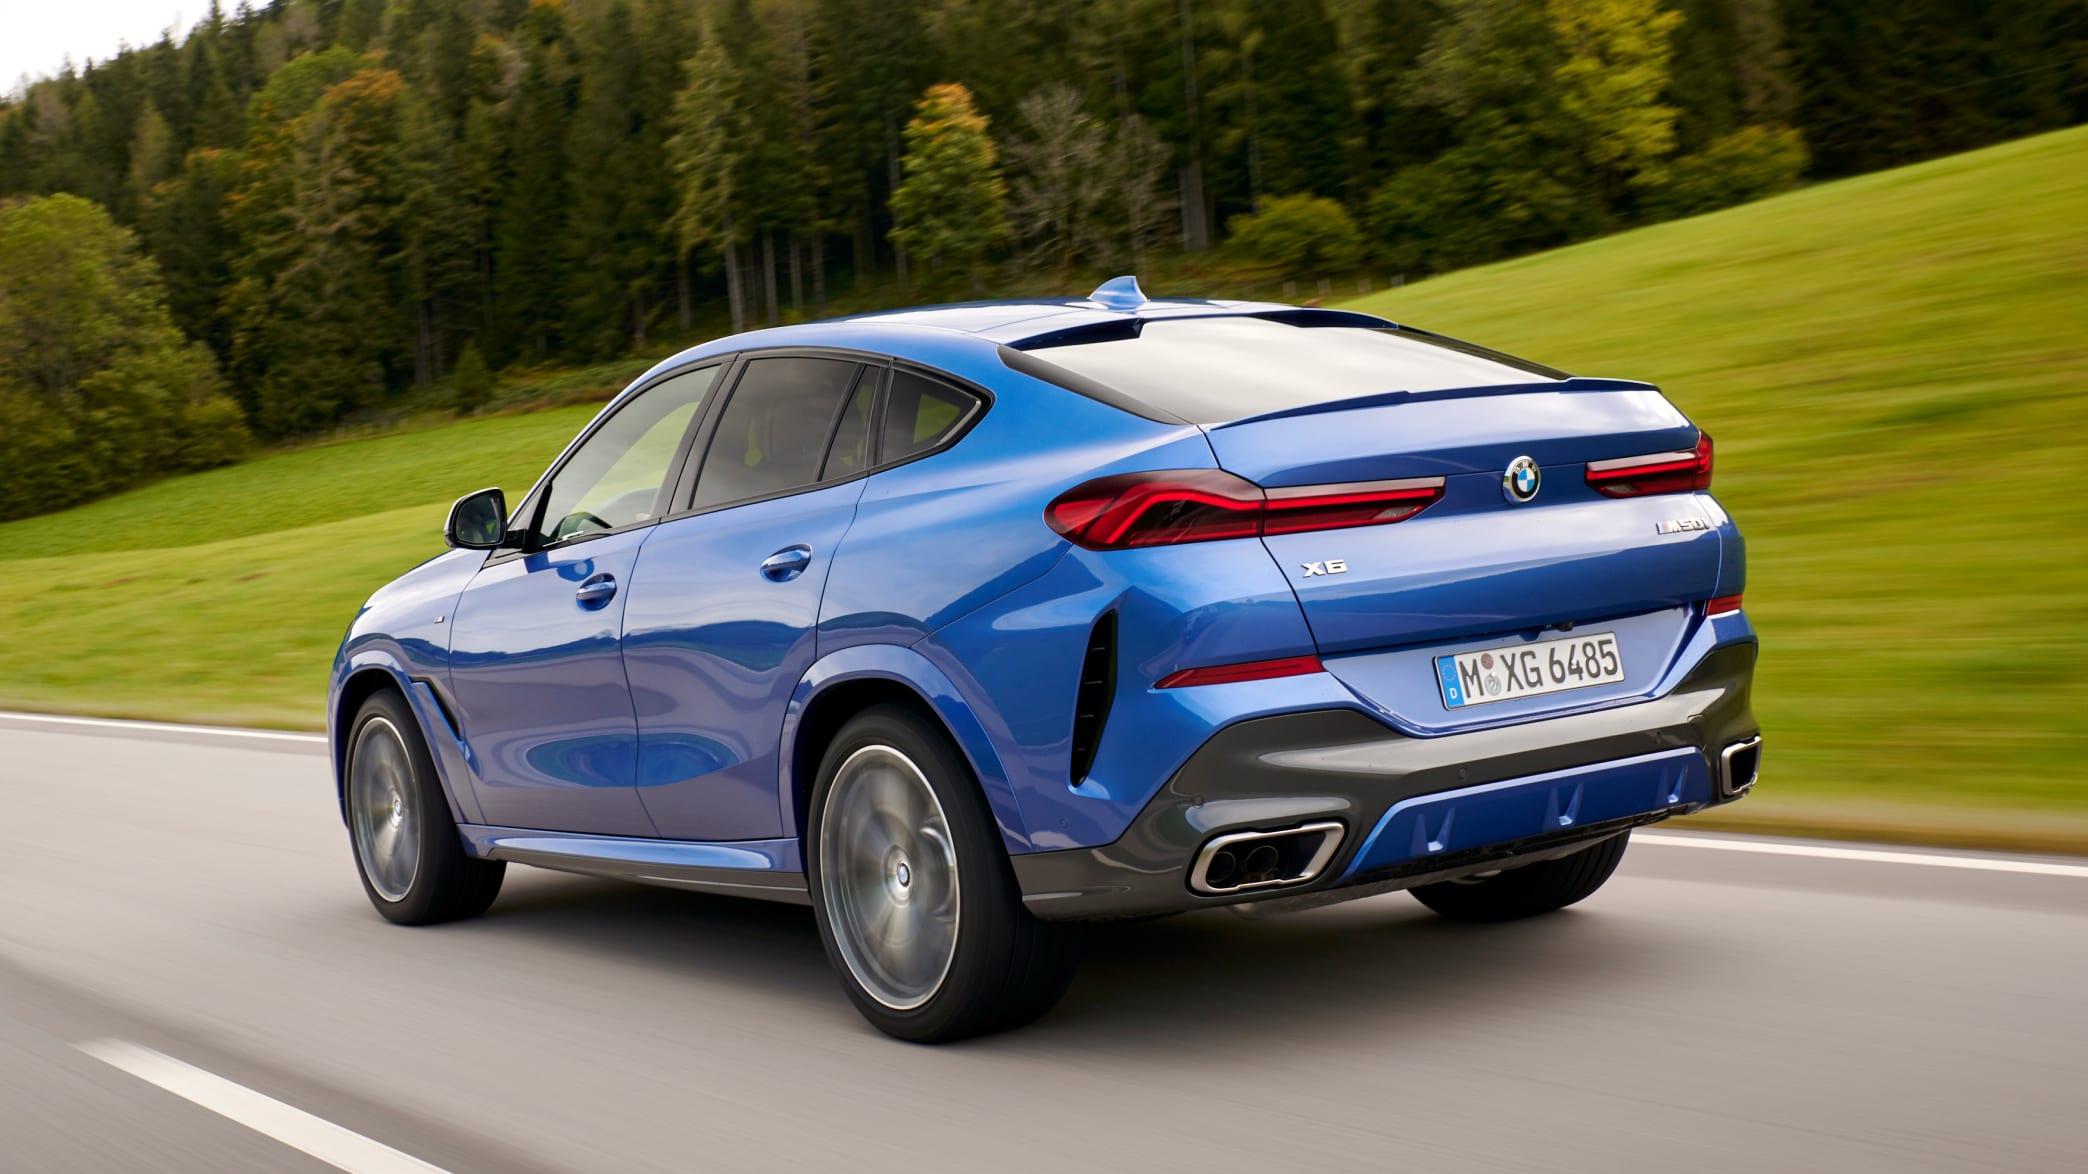 Heckansicht des BMW X6 fahrend